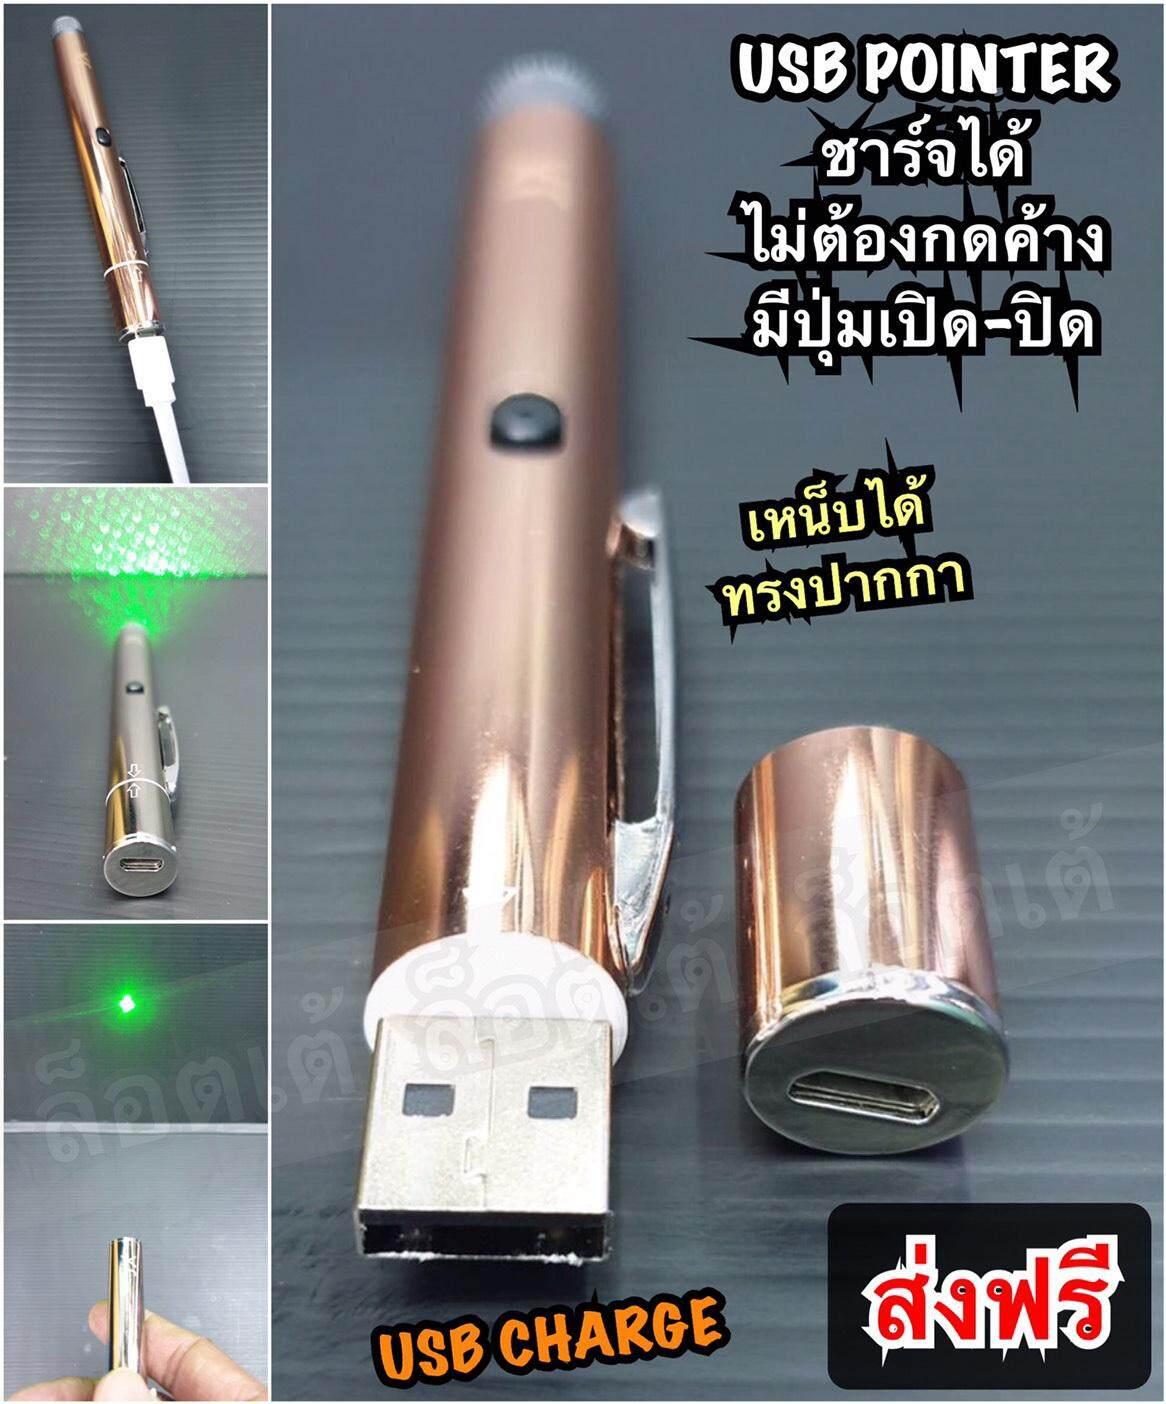 ปากกาเลเซอร์ Laser Pointer แสงสีเขียว ยิงแสงกระจายหลายแบบหรือแปลงเป็นแสงตรงได้ รุ่นชาร์จไฟในตัว มีปุ่มเปิดปิดไม่ต้องกดค้าง ขนาดยาว 12.5ซม.(สีทอง).